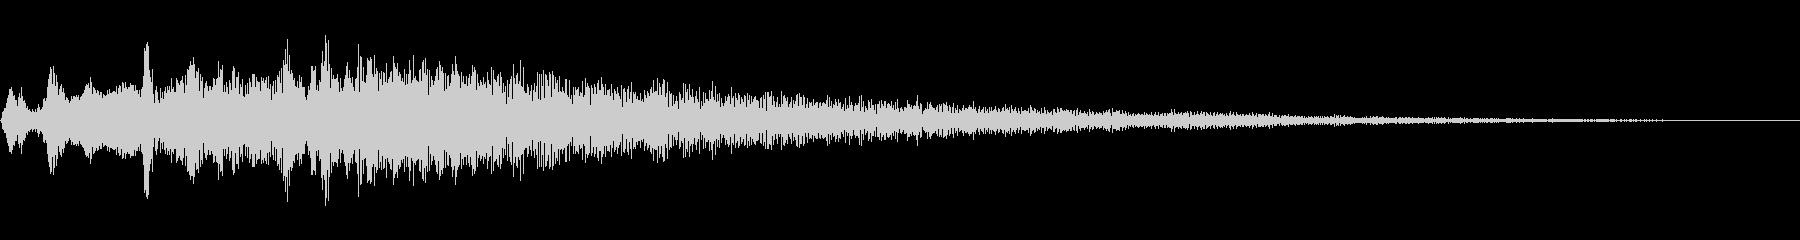 汎用的なキラキラ音の未再生の波形